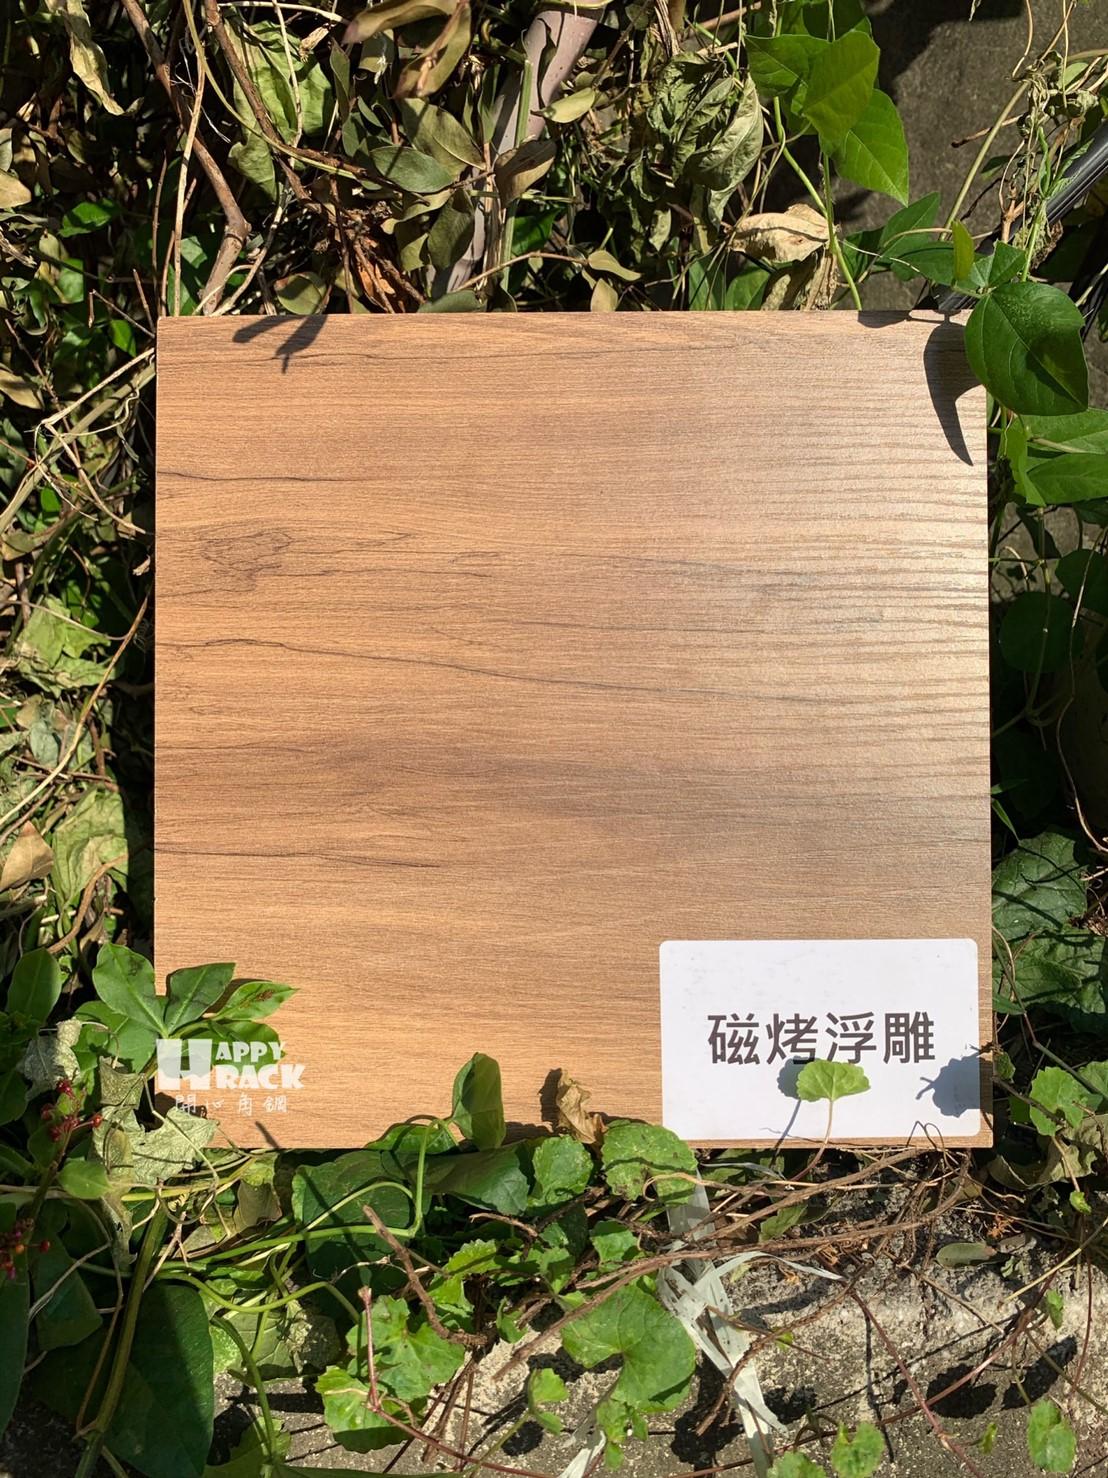 台灣路邊風木板🤗_200109_0021